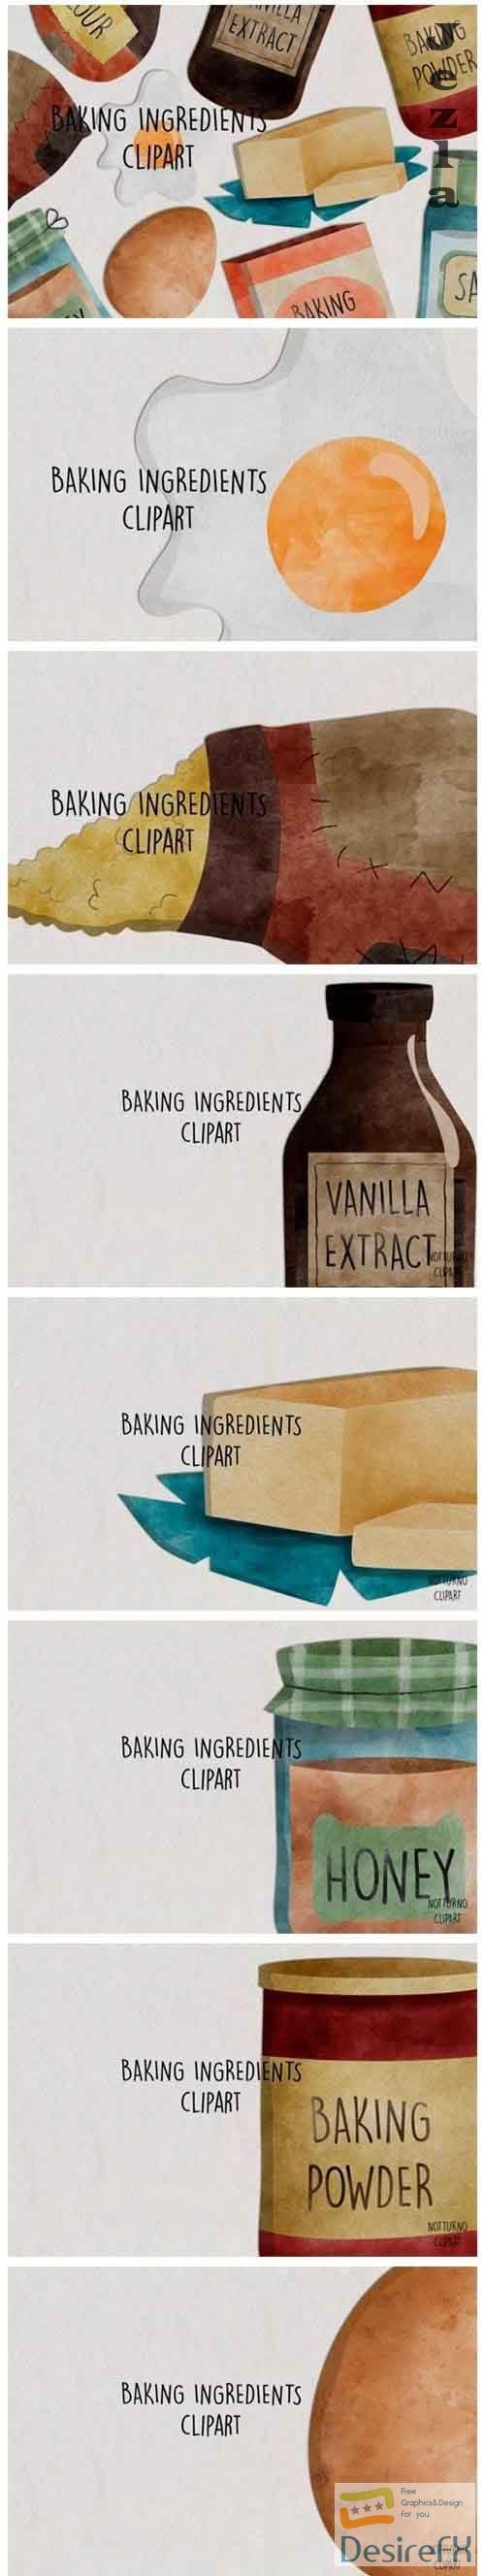 Watercolor Baking Ingredients Clip Art - 566282